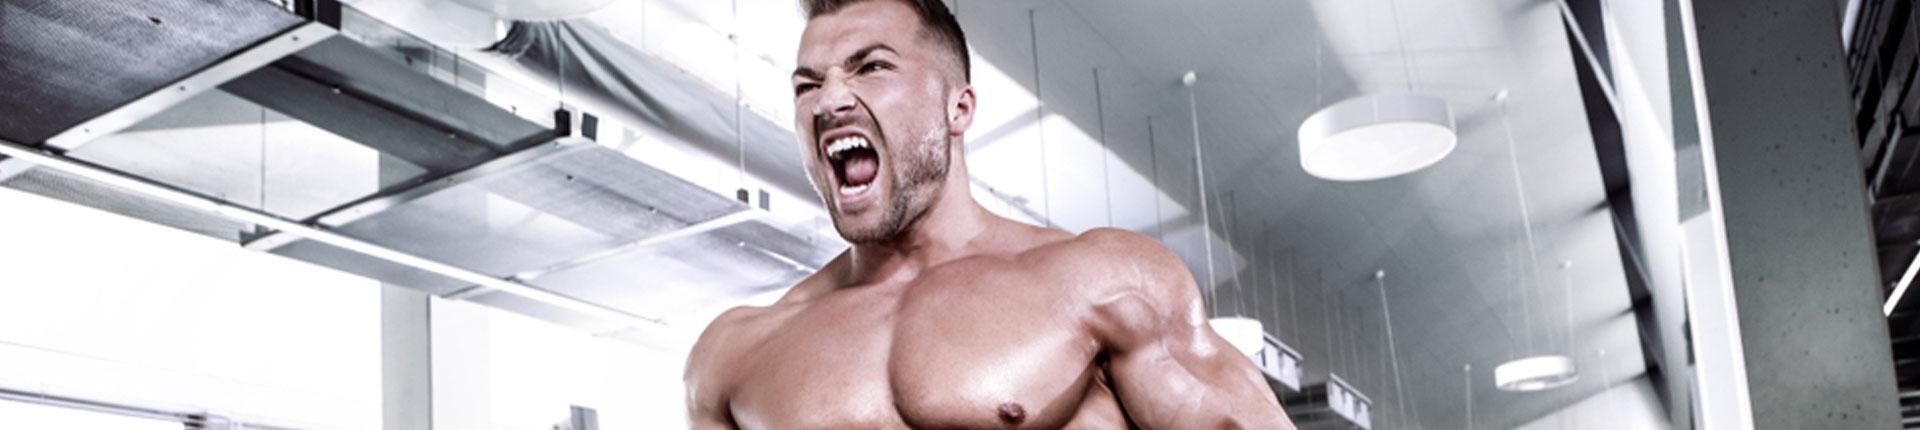 Trenować do upadku mięśniowego czy nie? Cz. II